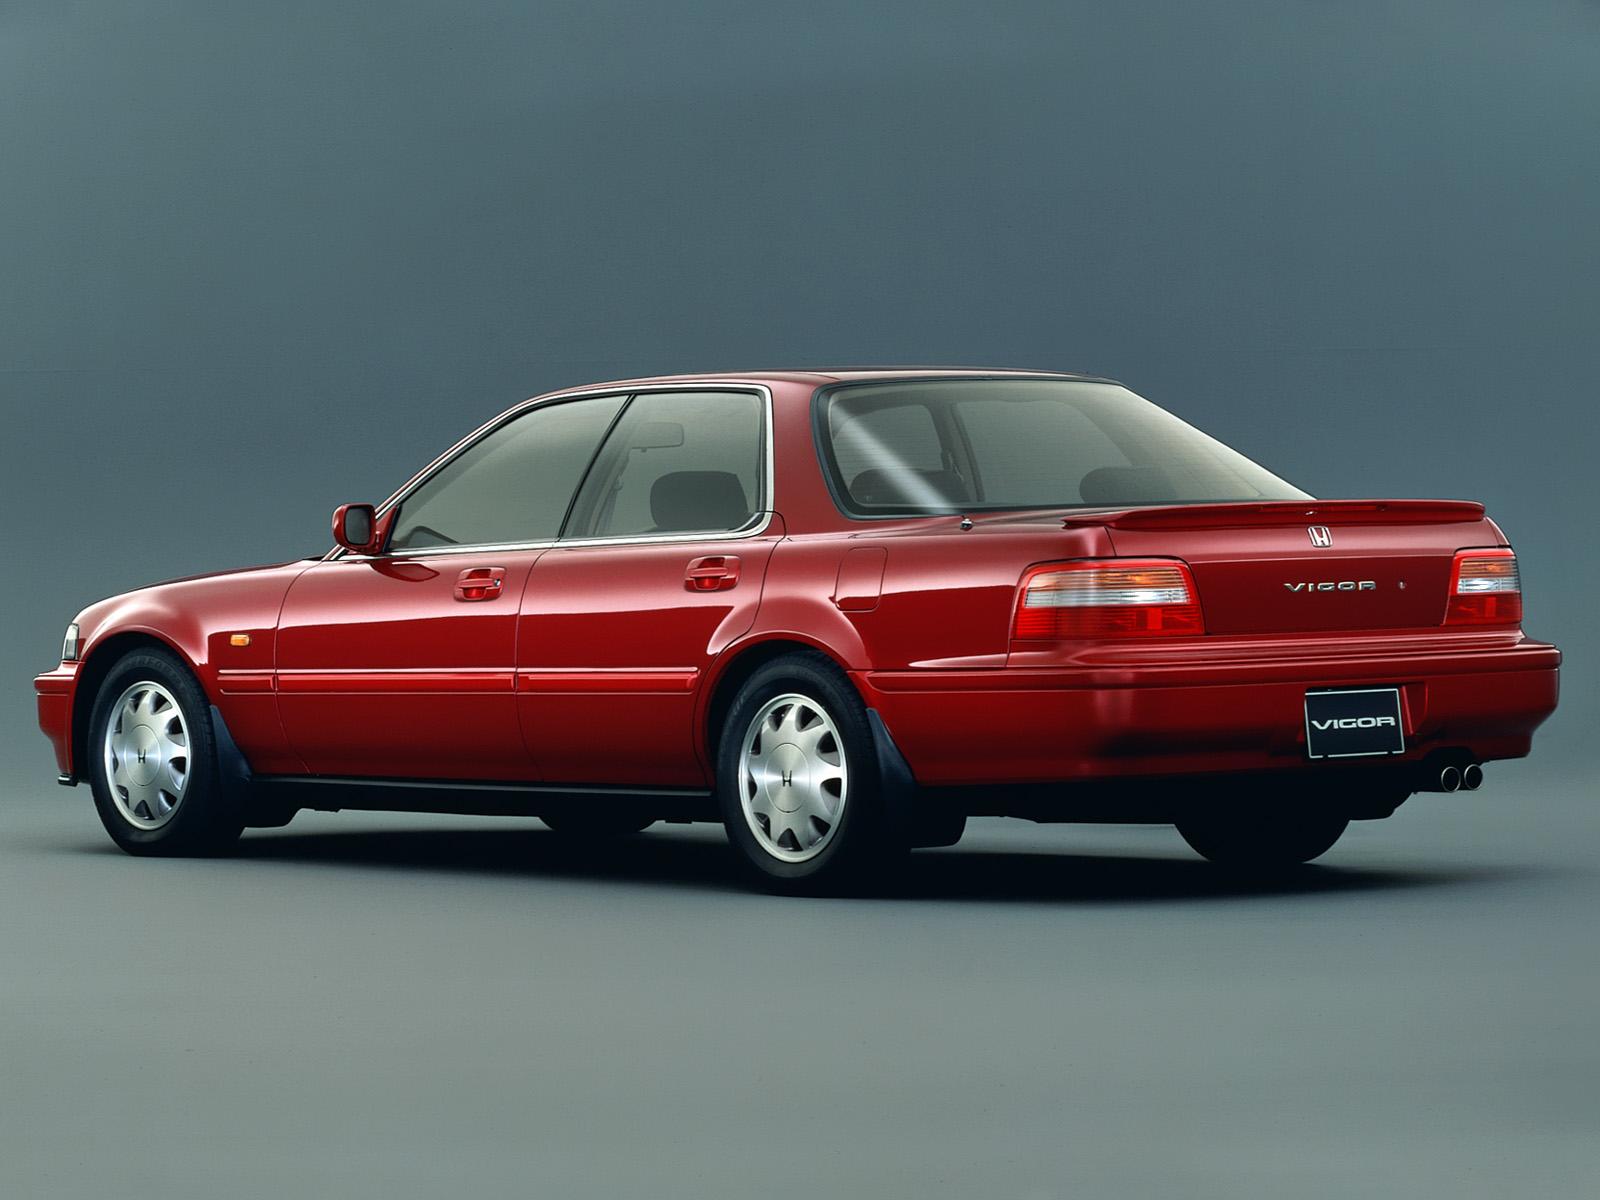 Kekurangan Honda Vigor Murah Berkualitas